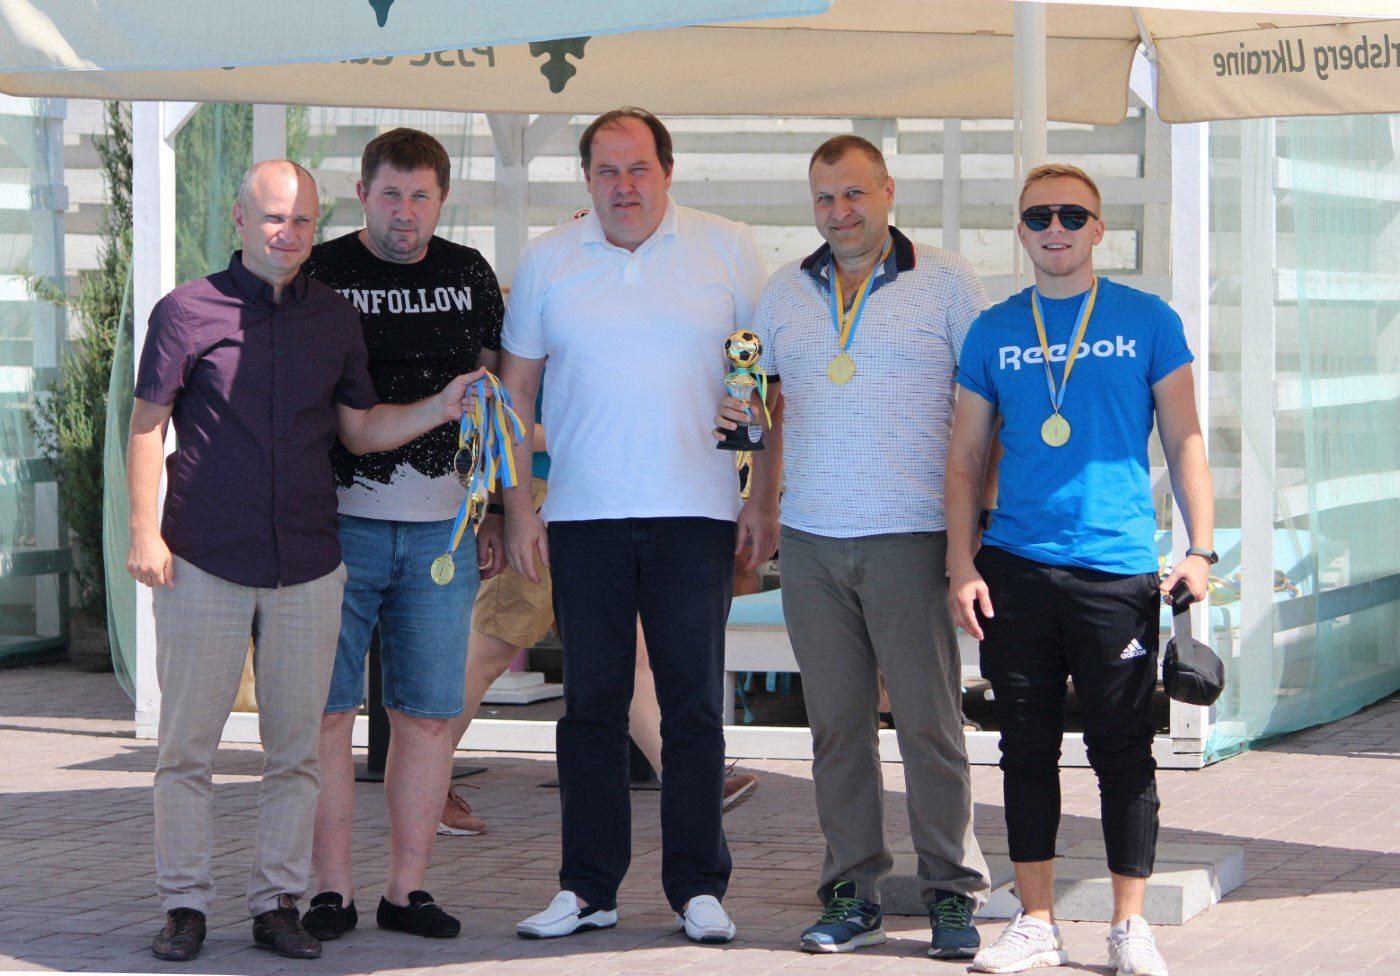 Віталій Булюк вручив кубки і медалі кращим херсонським командам з мініфутболу